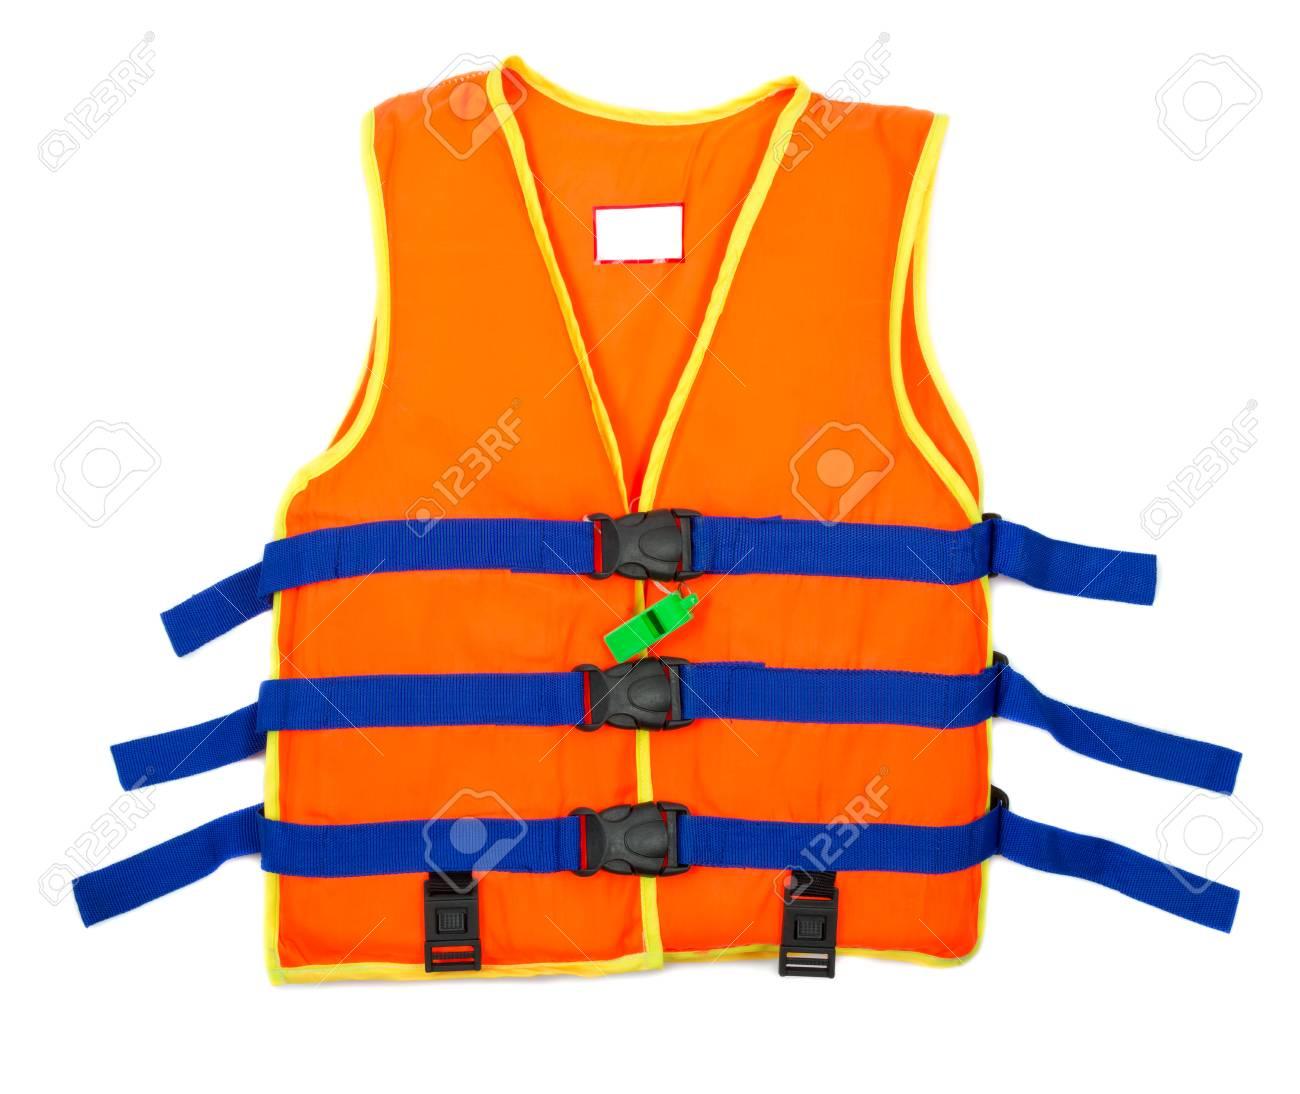 Orange Life jacket with isolated white background - 54782480